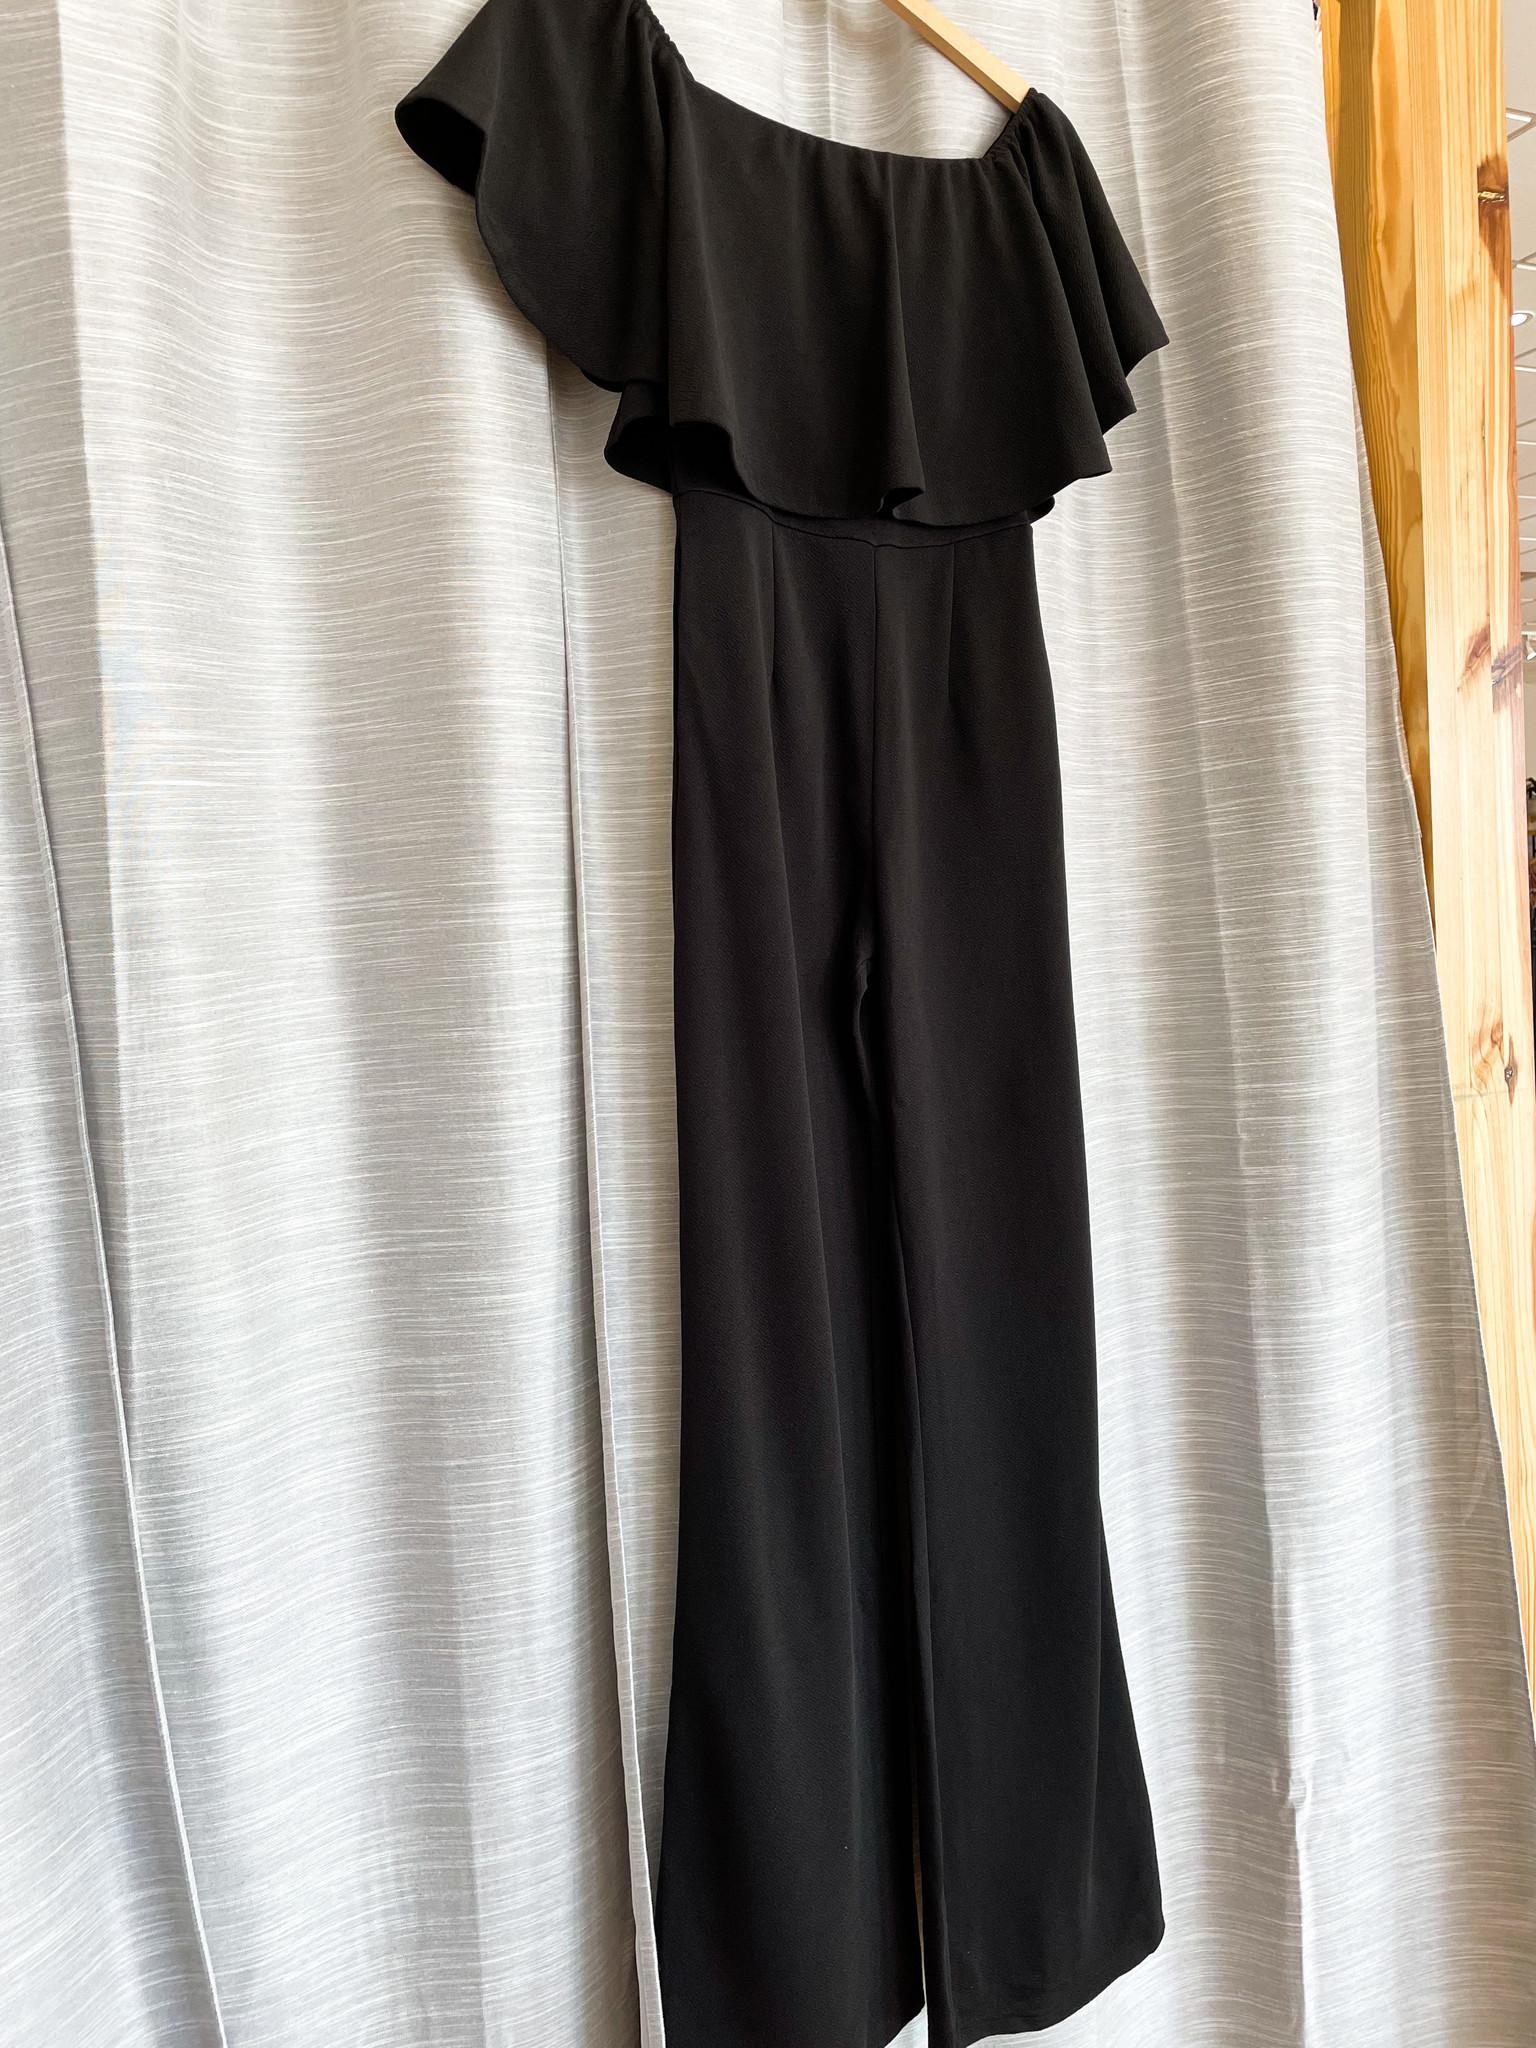 Black Off Shoulder Jumpsuit With Pockets